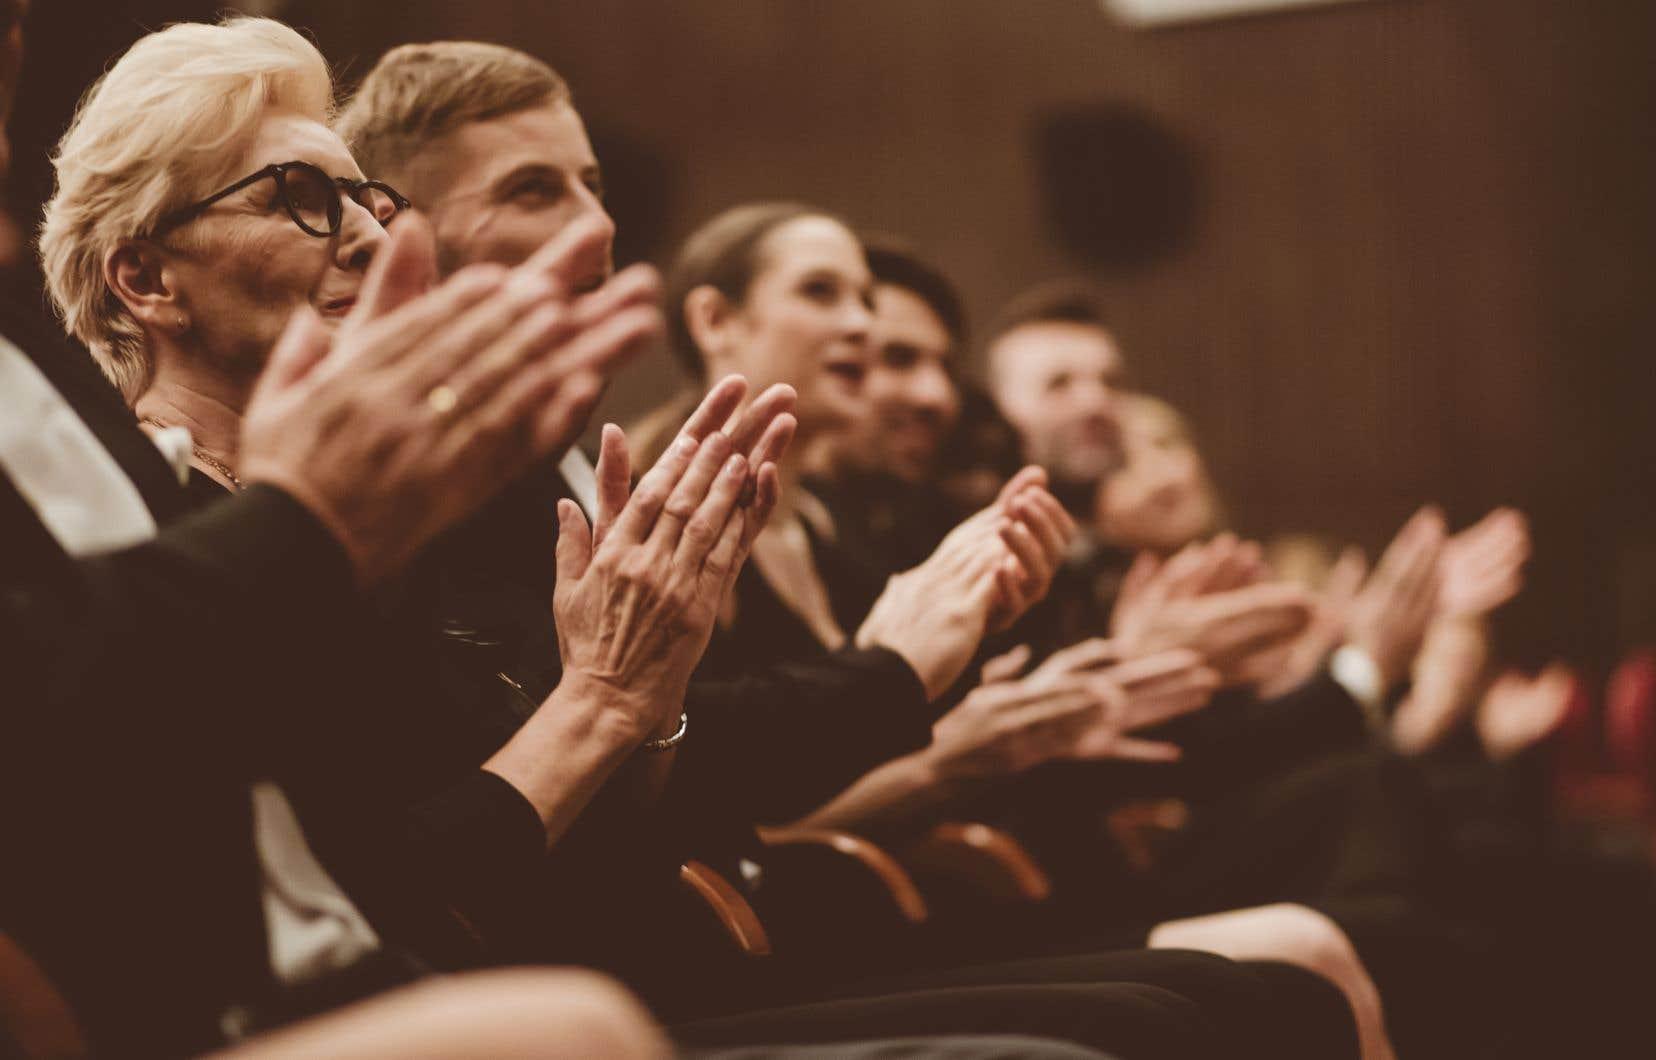 Pour Olivier Kemeid, auteur, metteur en scène et directeur artistique du Théâtre de Quat'Sous, le théâtre fait partie de la vie démocratique, car «la salle de spectacle est une agora où des êtres humains viennent voir d'autres êtres humains qui réfléchissent et débattent».